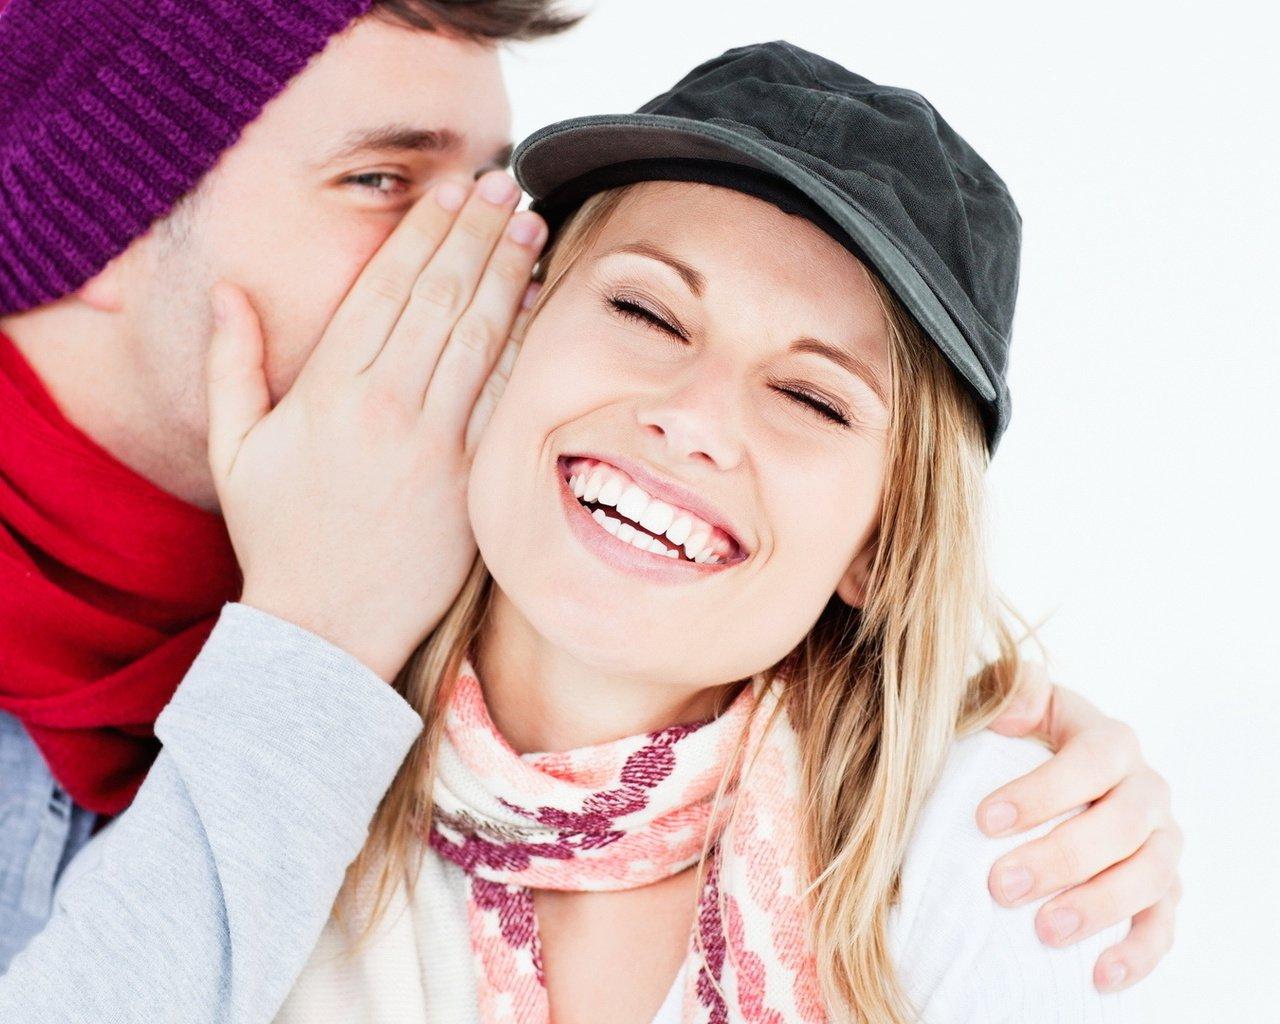 Как сделать так, чтобы девушки сами с тобой знакомились? 74